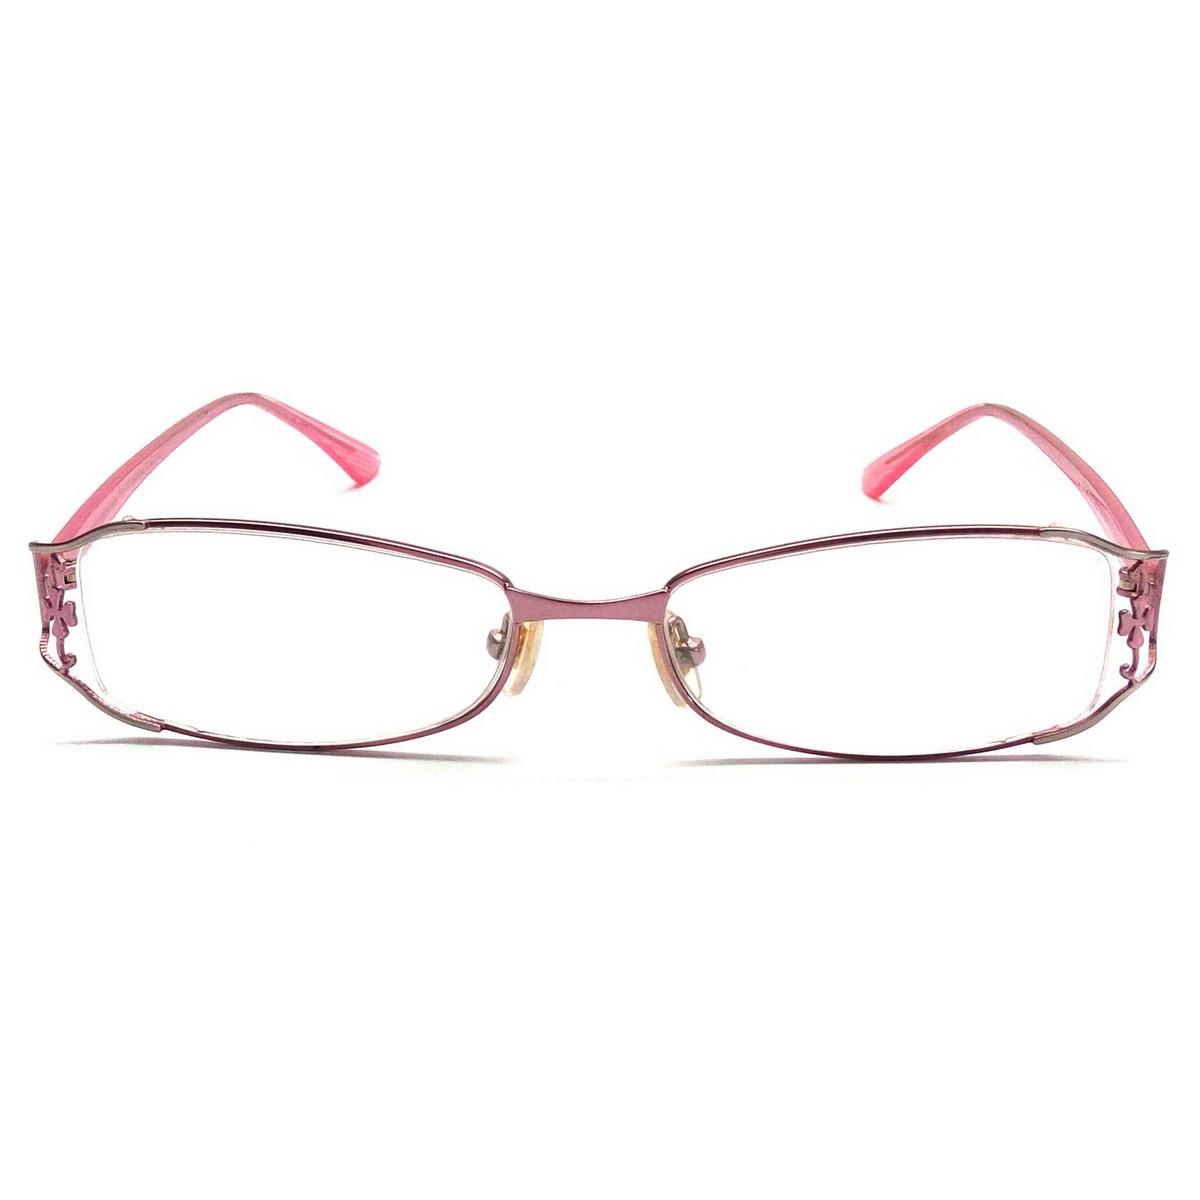 Premium Designer Spectacle Frame Glasses for Women 8073pk